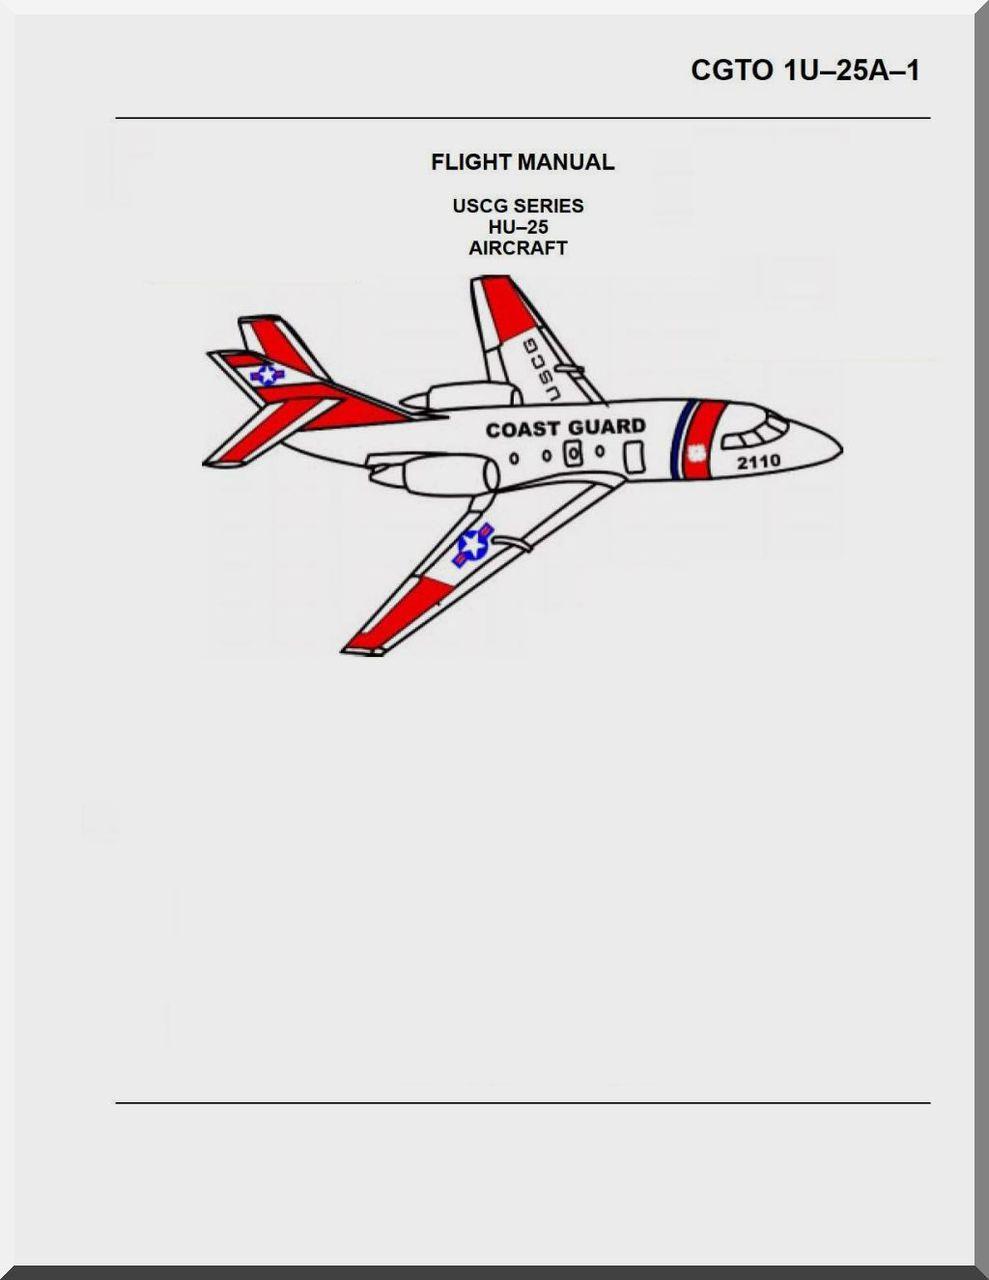 Dassault Falcon HU-25 A, B, C, Aircraft Aircraft Flight